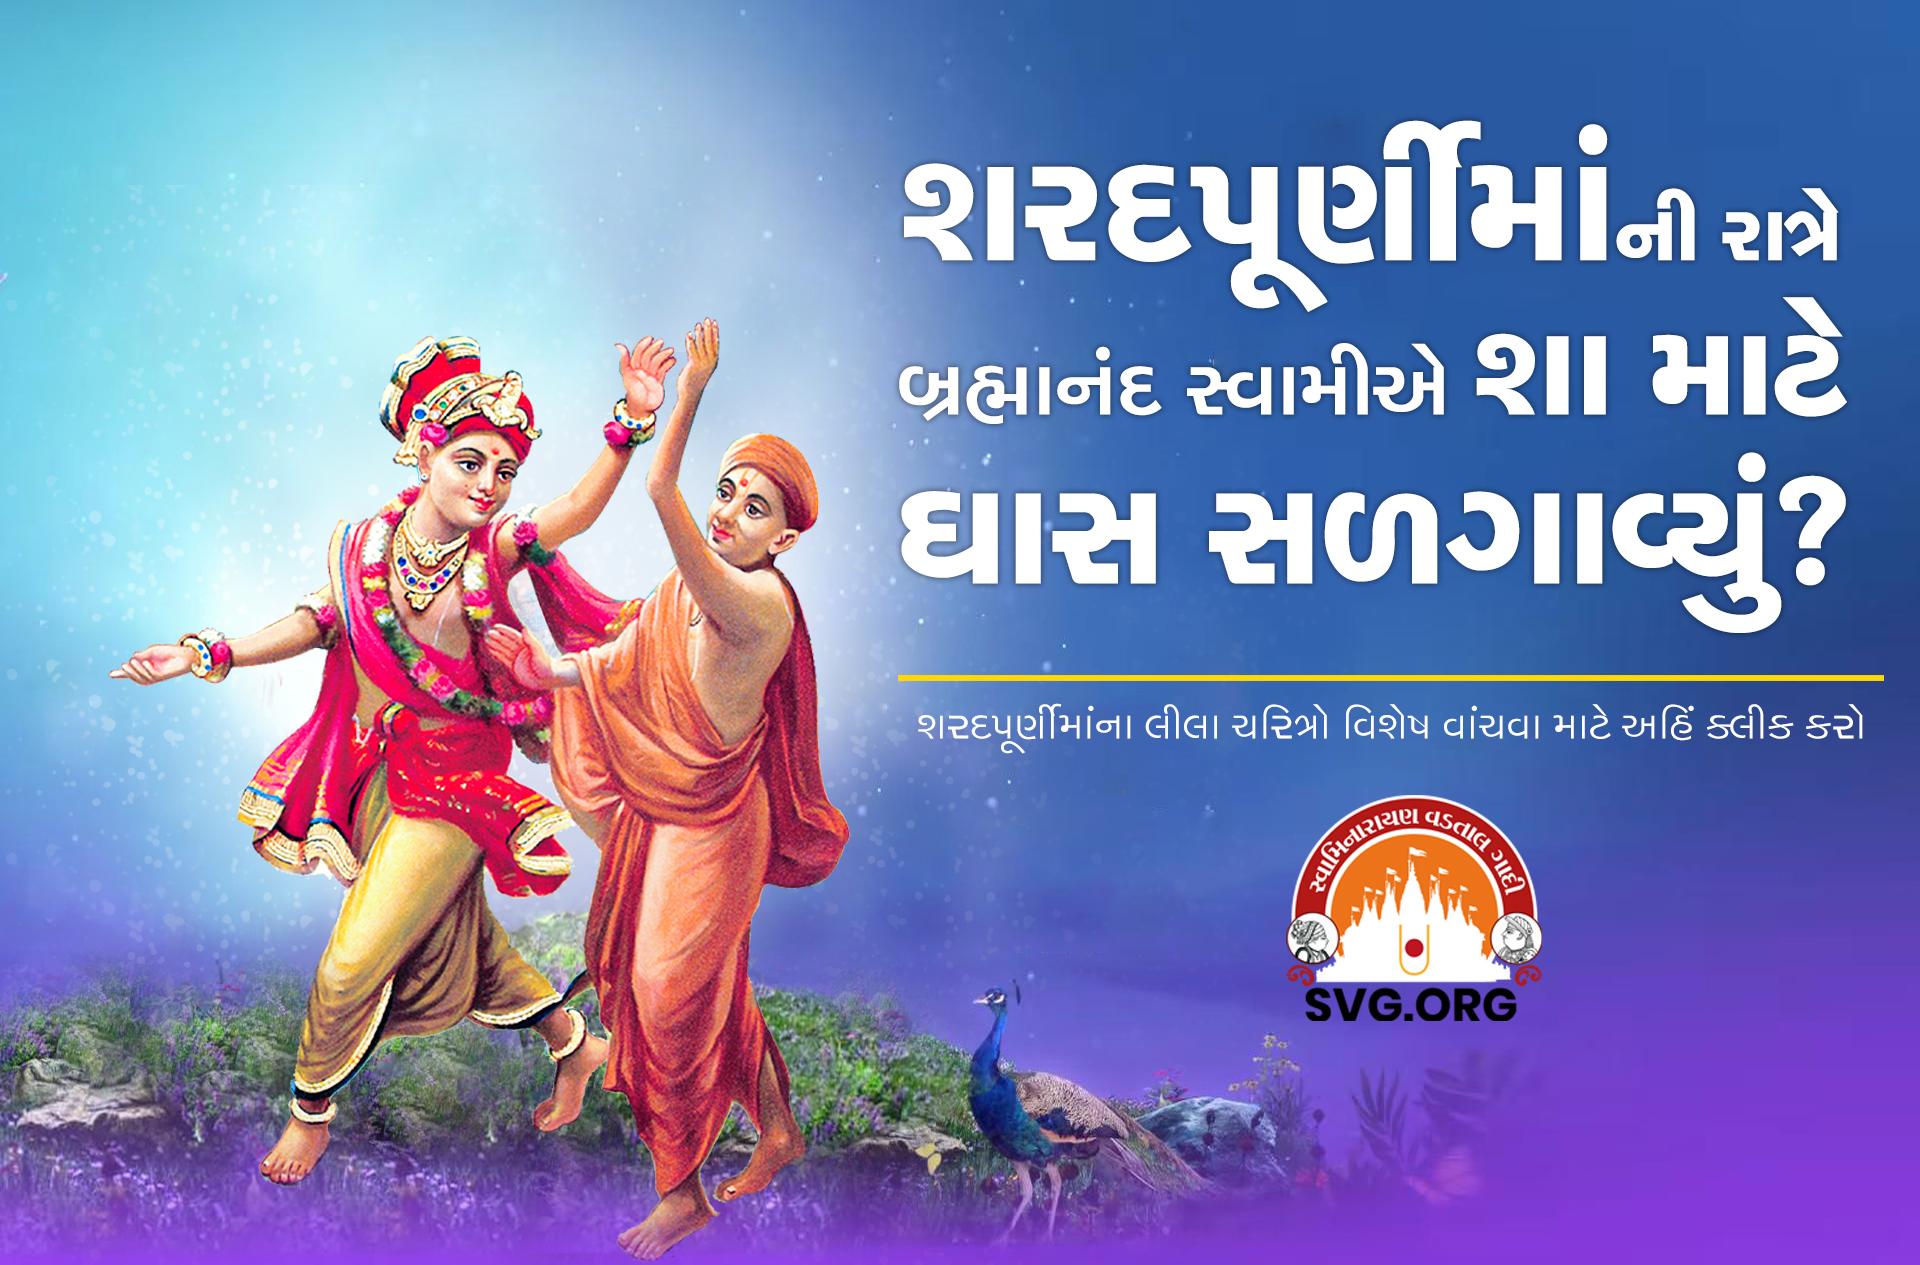 swaminarayan, swaminarayan Vadta Gadi, Sharad Purnima – (શરદ પૂર્ણિમા)